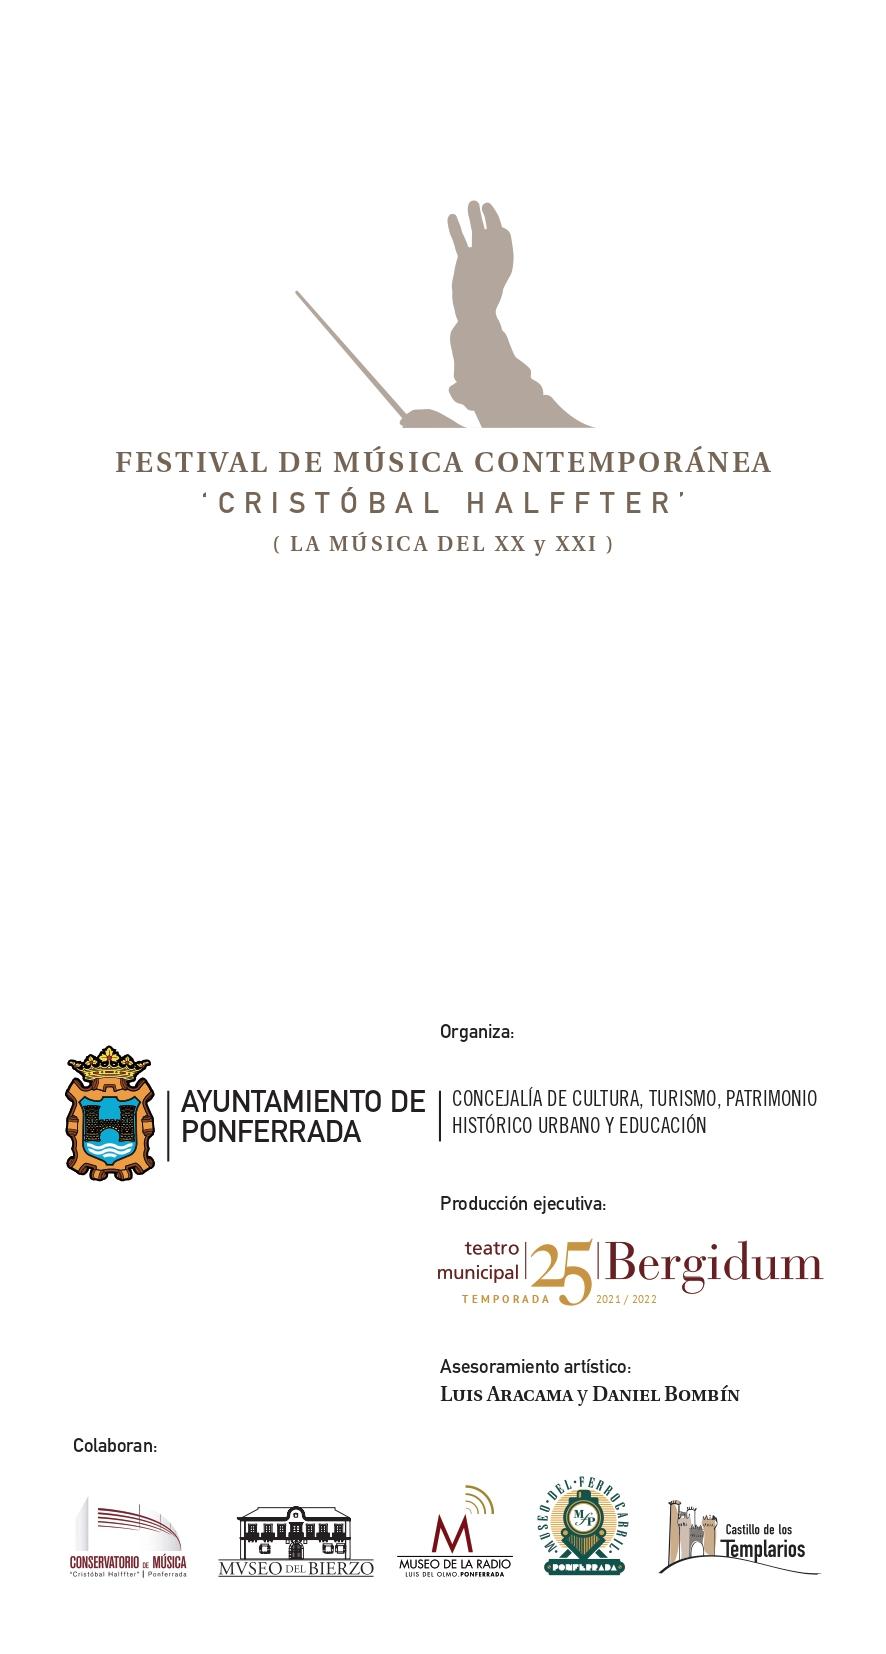 La sexta edición del Festival Cristobal Halfter repasa música del Siglo XX y XXI con estilos para todos los gustos 11